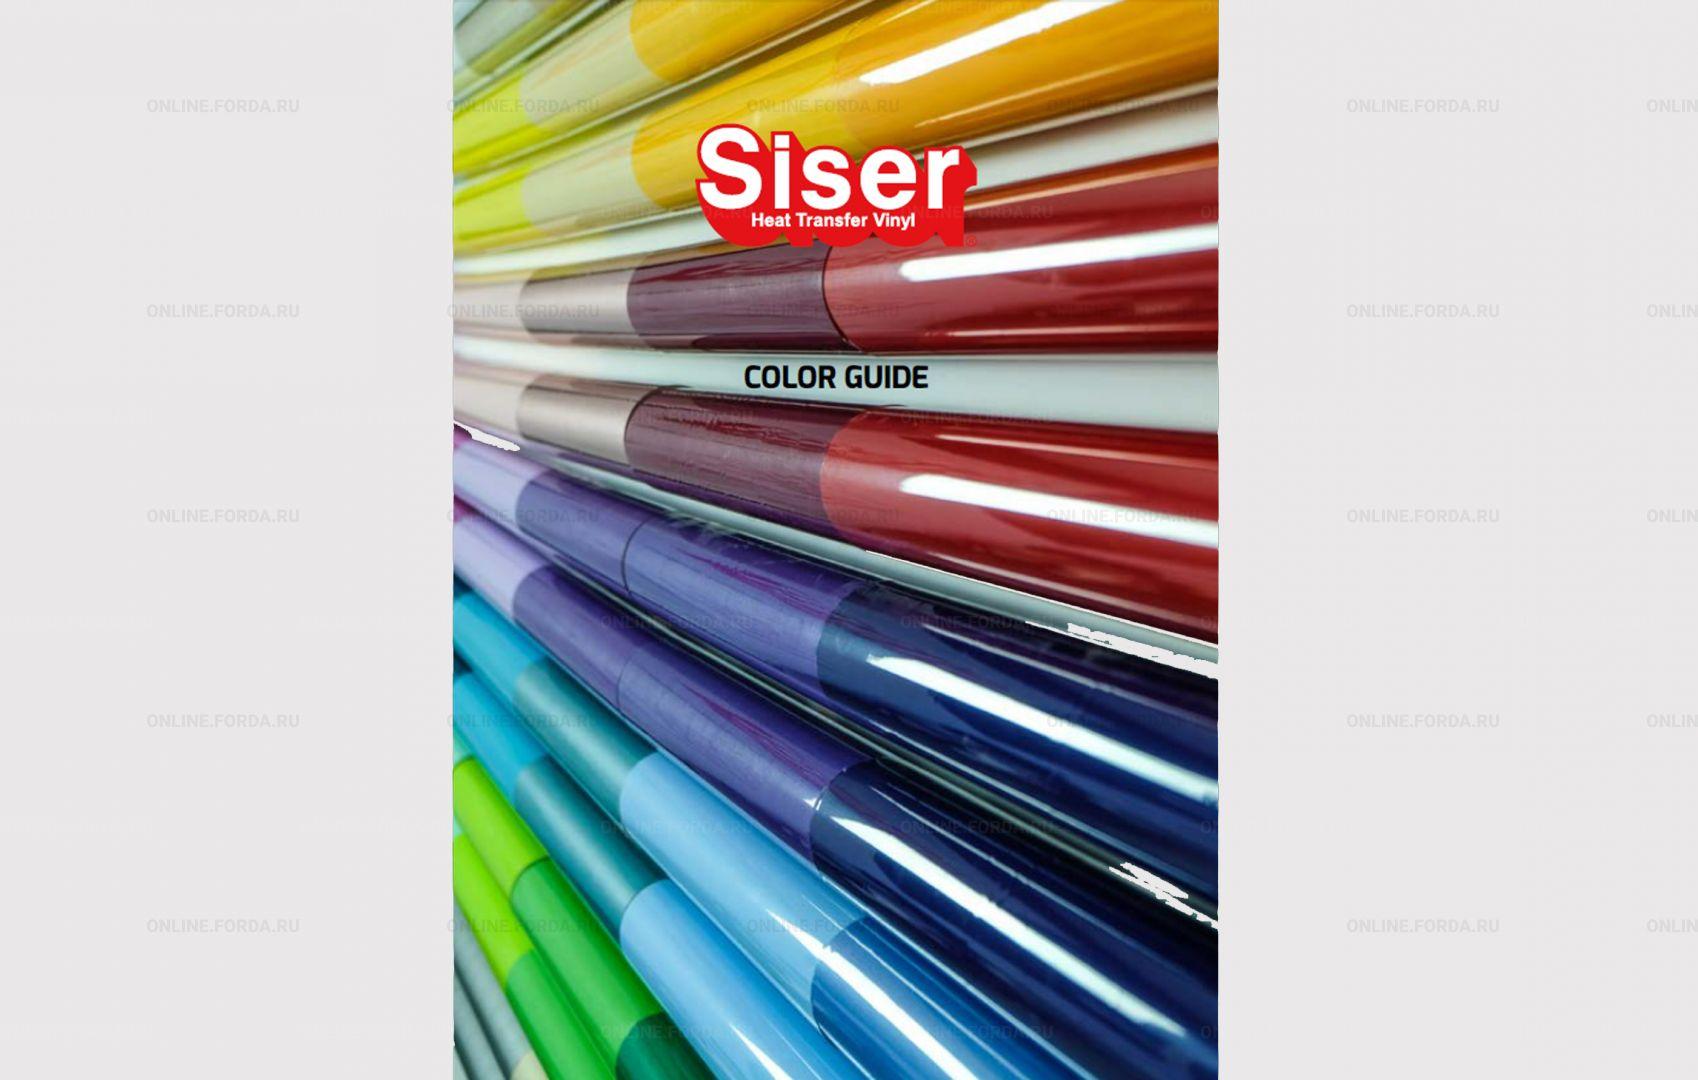 Фарбкарта Siser Colour Guide 2021